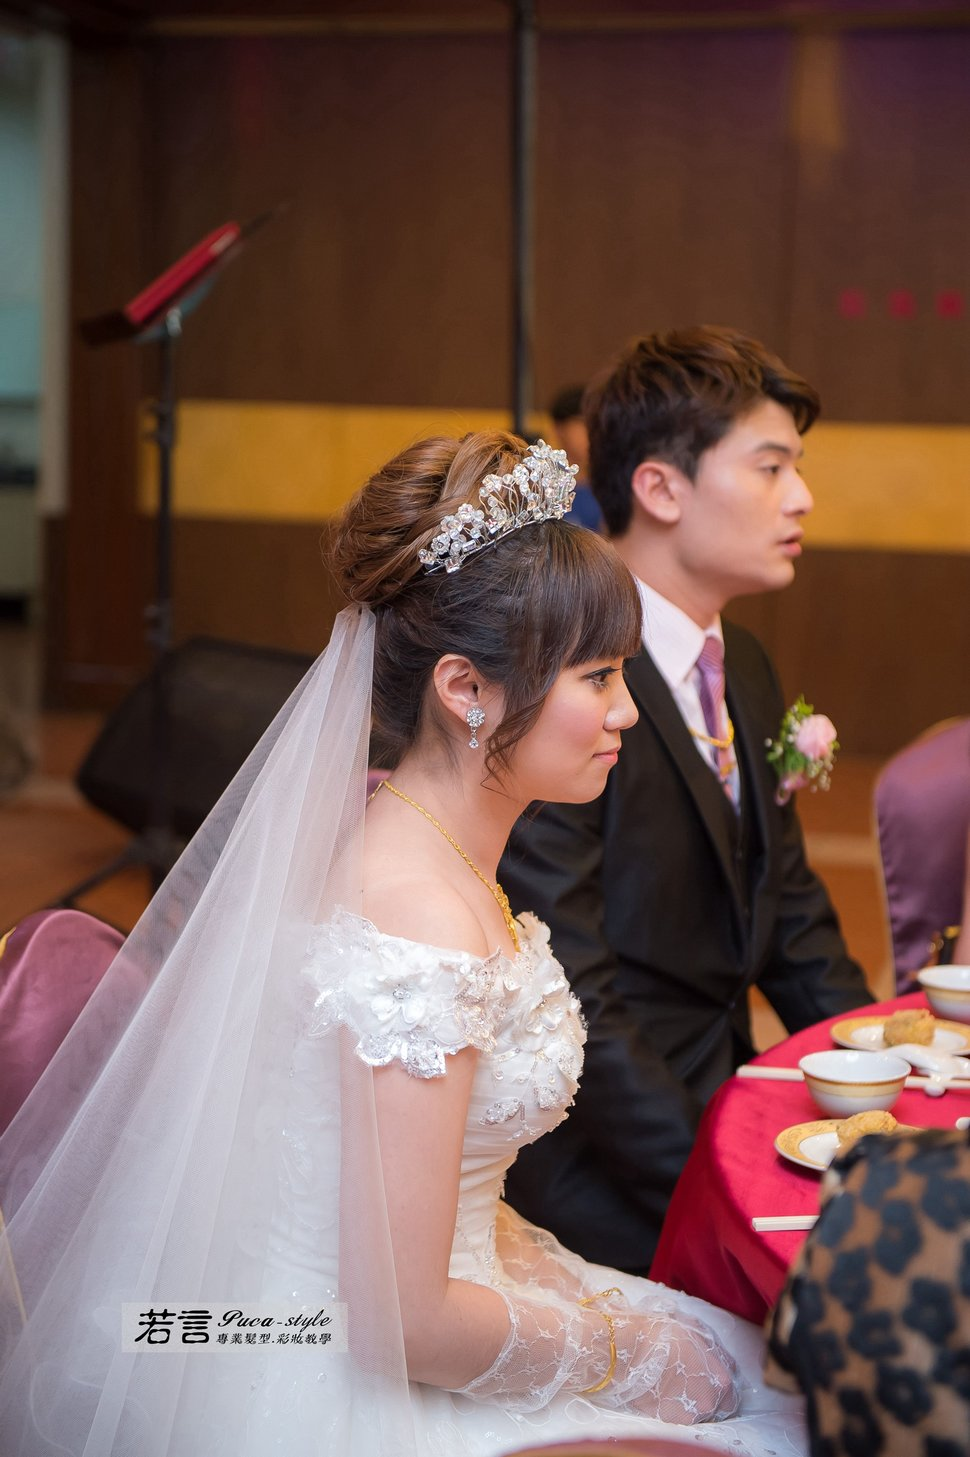 南臺灣新娘秘書韓式(噴槍)新秘團隊(編號:194500) - 若言造型團隊-噴槍底妝/陶瓷妝感 - 結婚吧